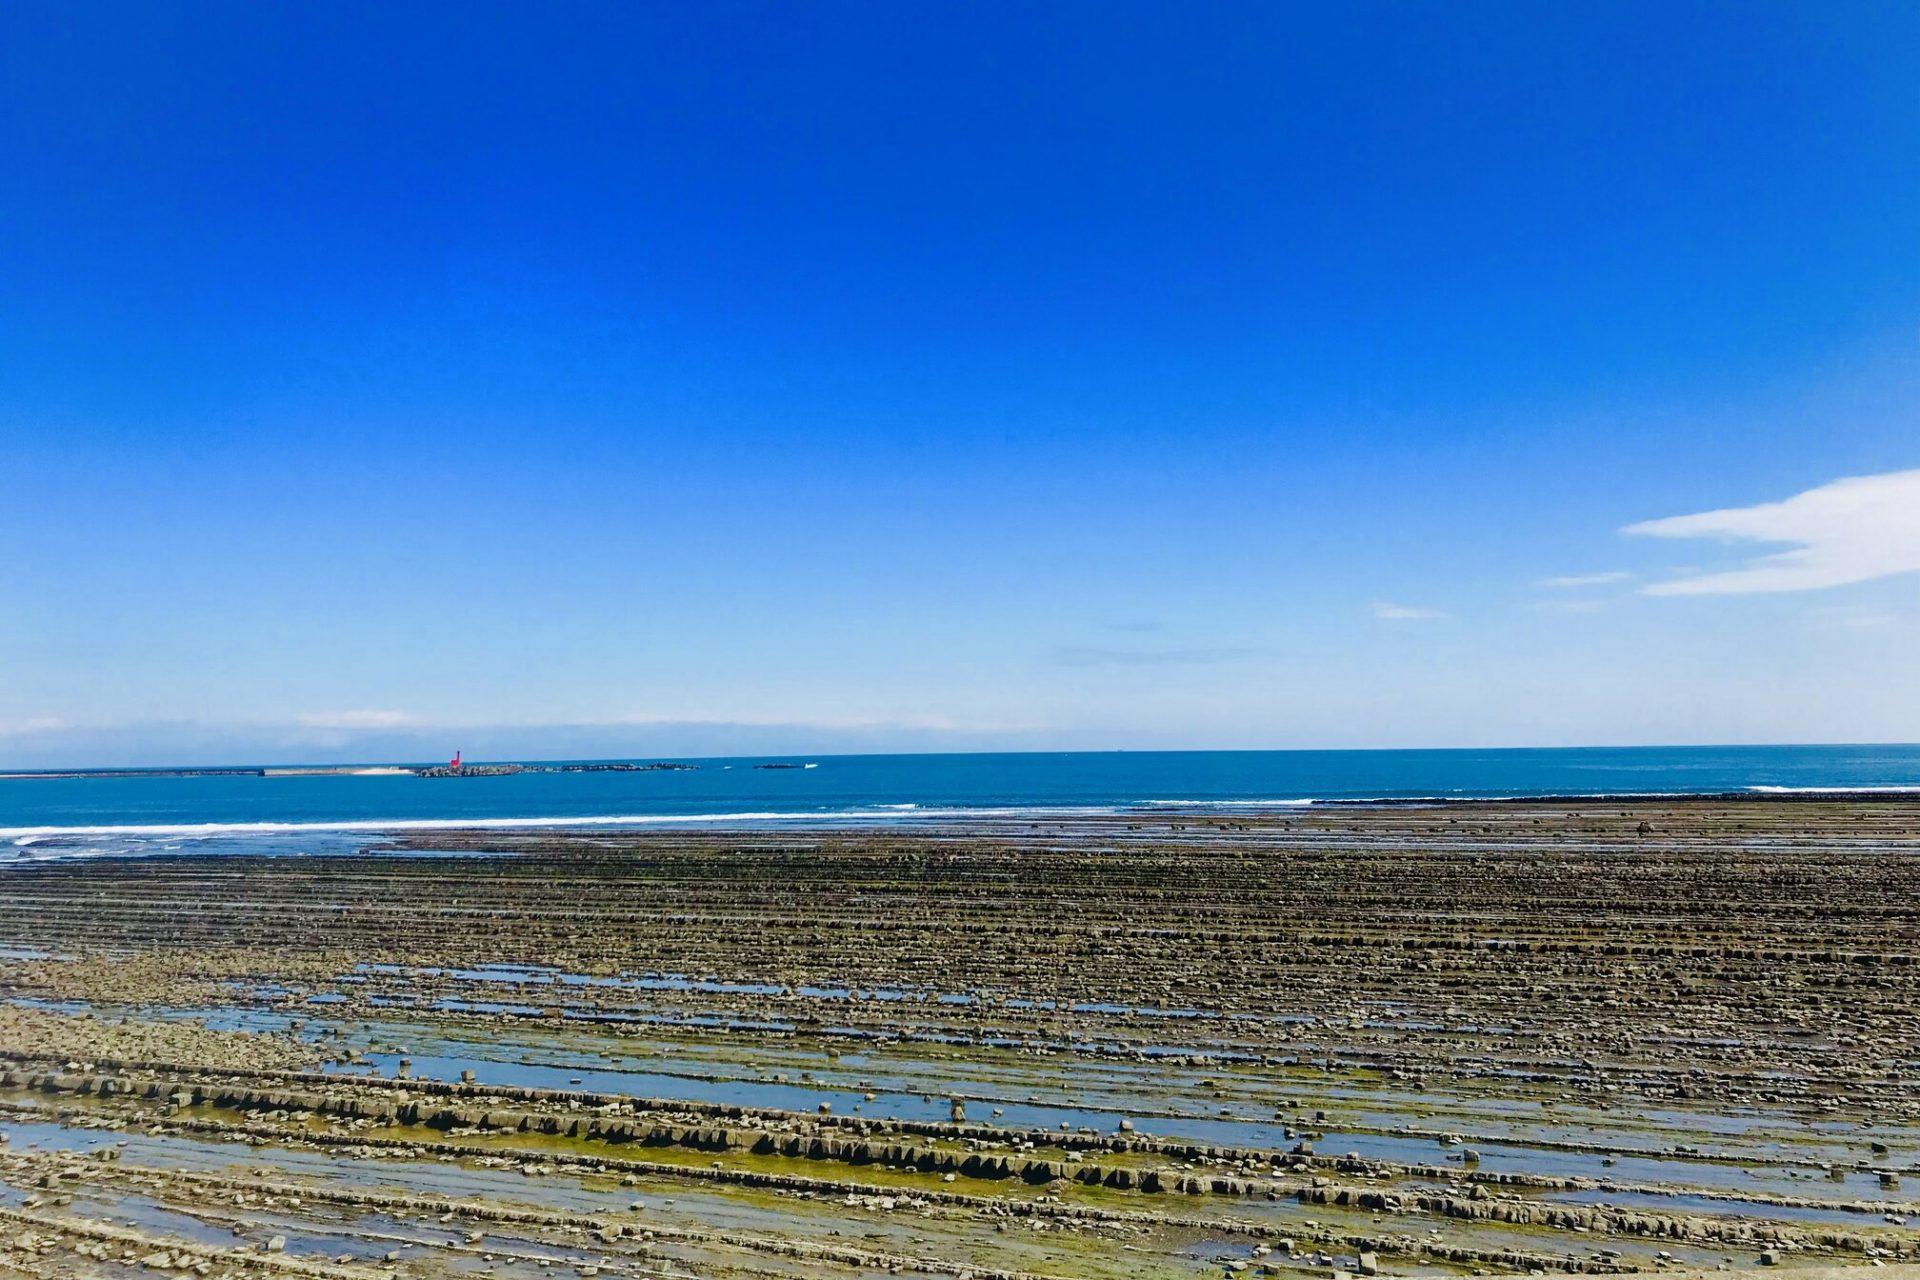 青島海岸 鬼の洗濯板